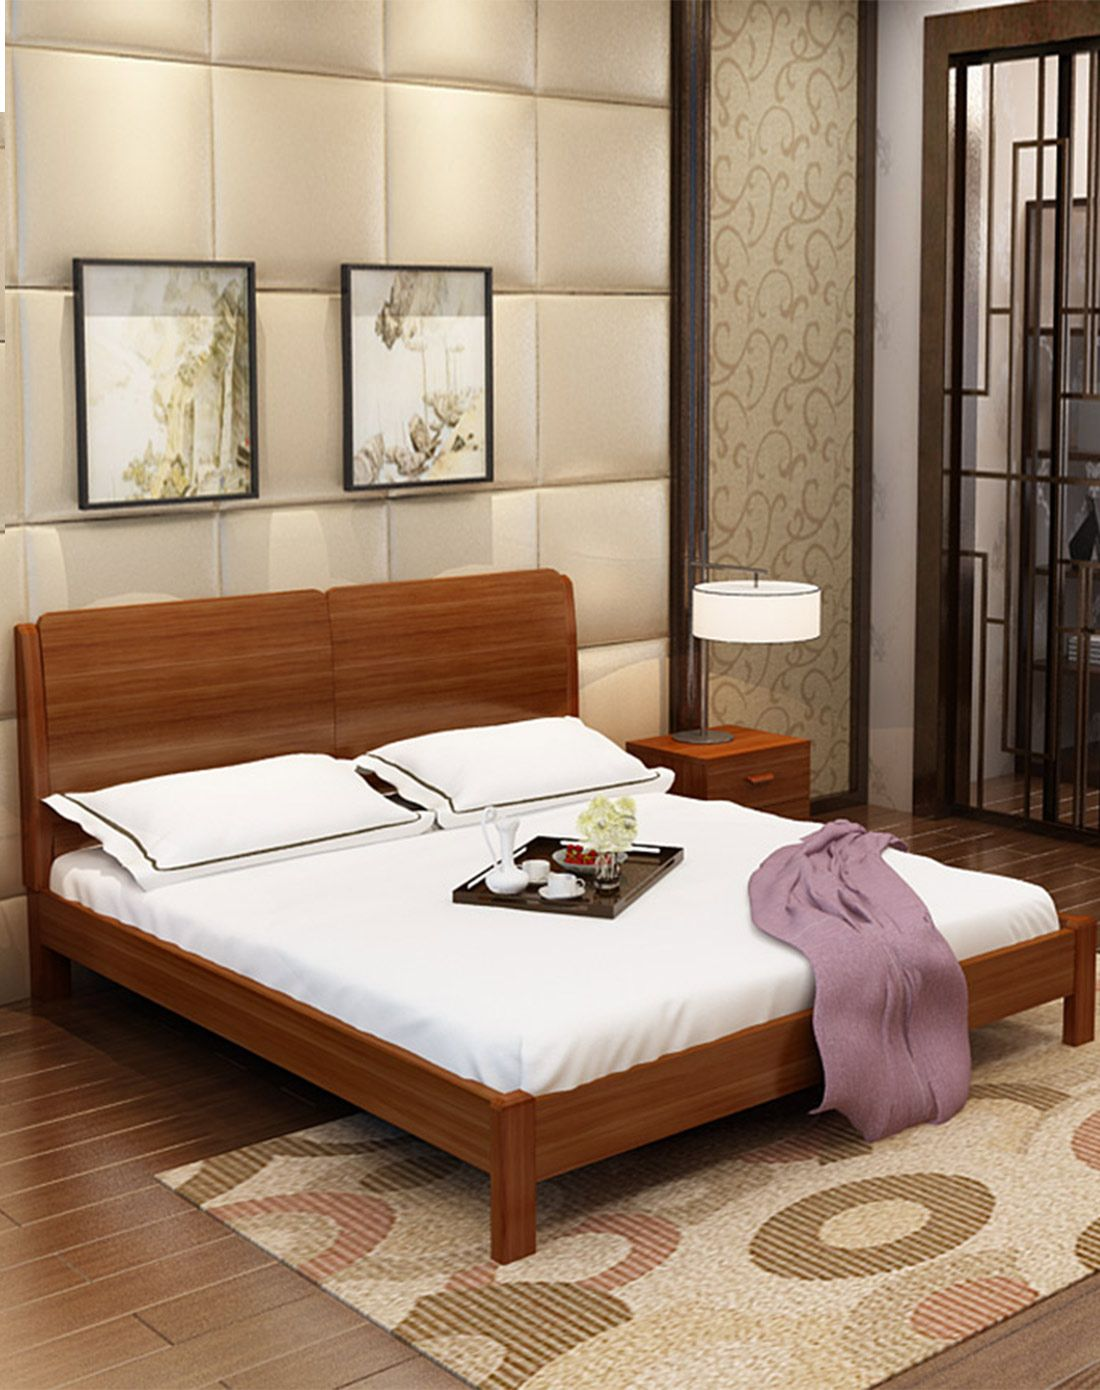 敦厚稳固简约中式现代板木床套餐